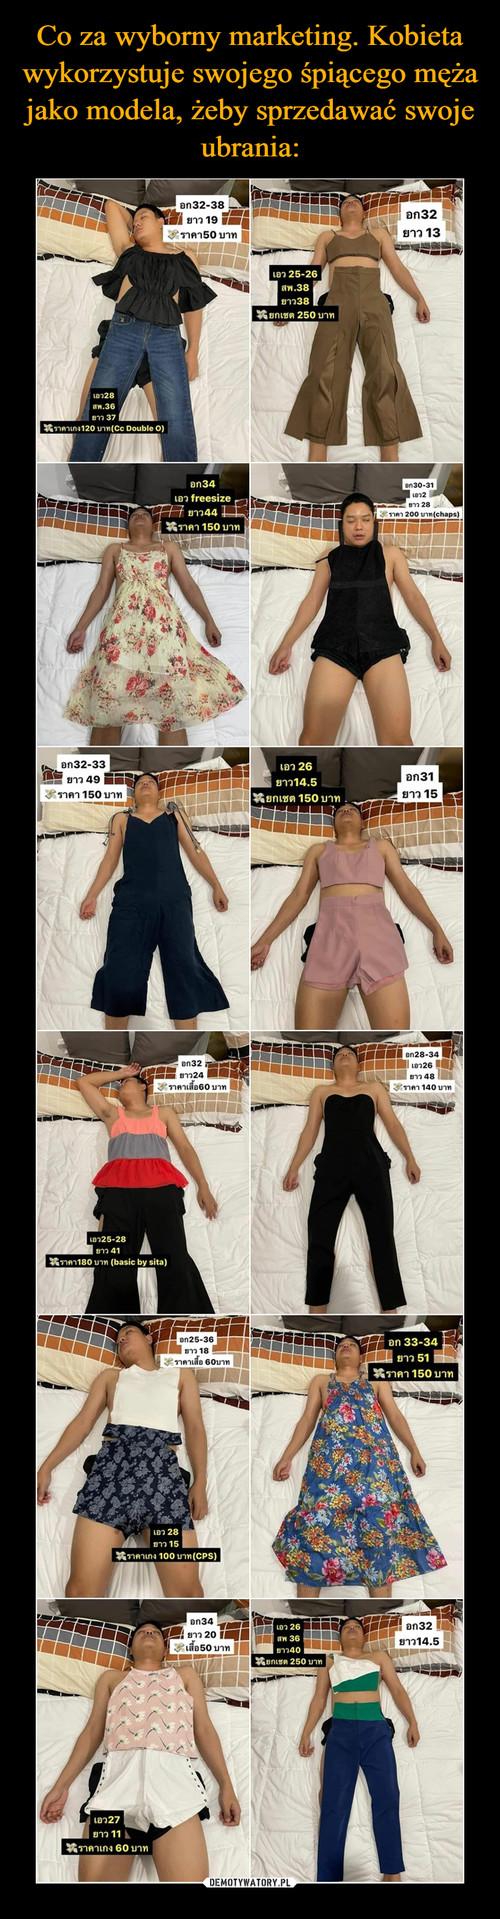 Co za wyborny marketing. Kobieta wykorzystuje swojego śpiącego męża jako modela, żeby sprzedawać swoje ubrania: